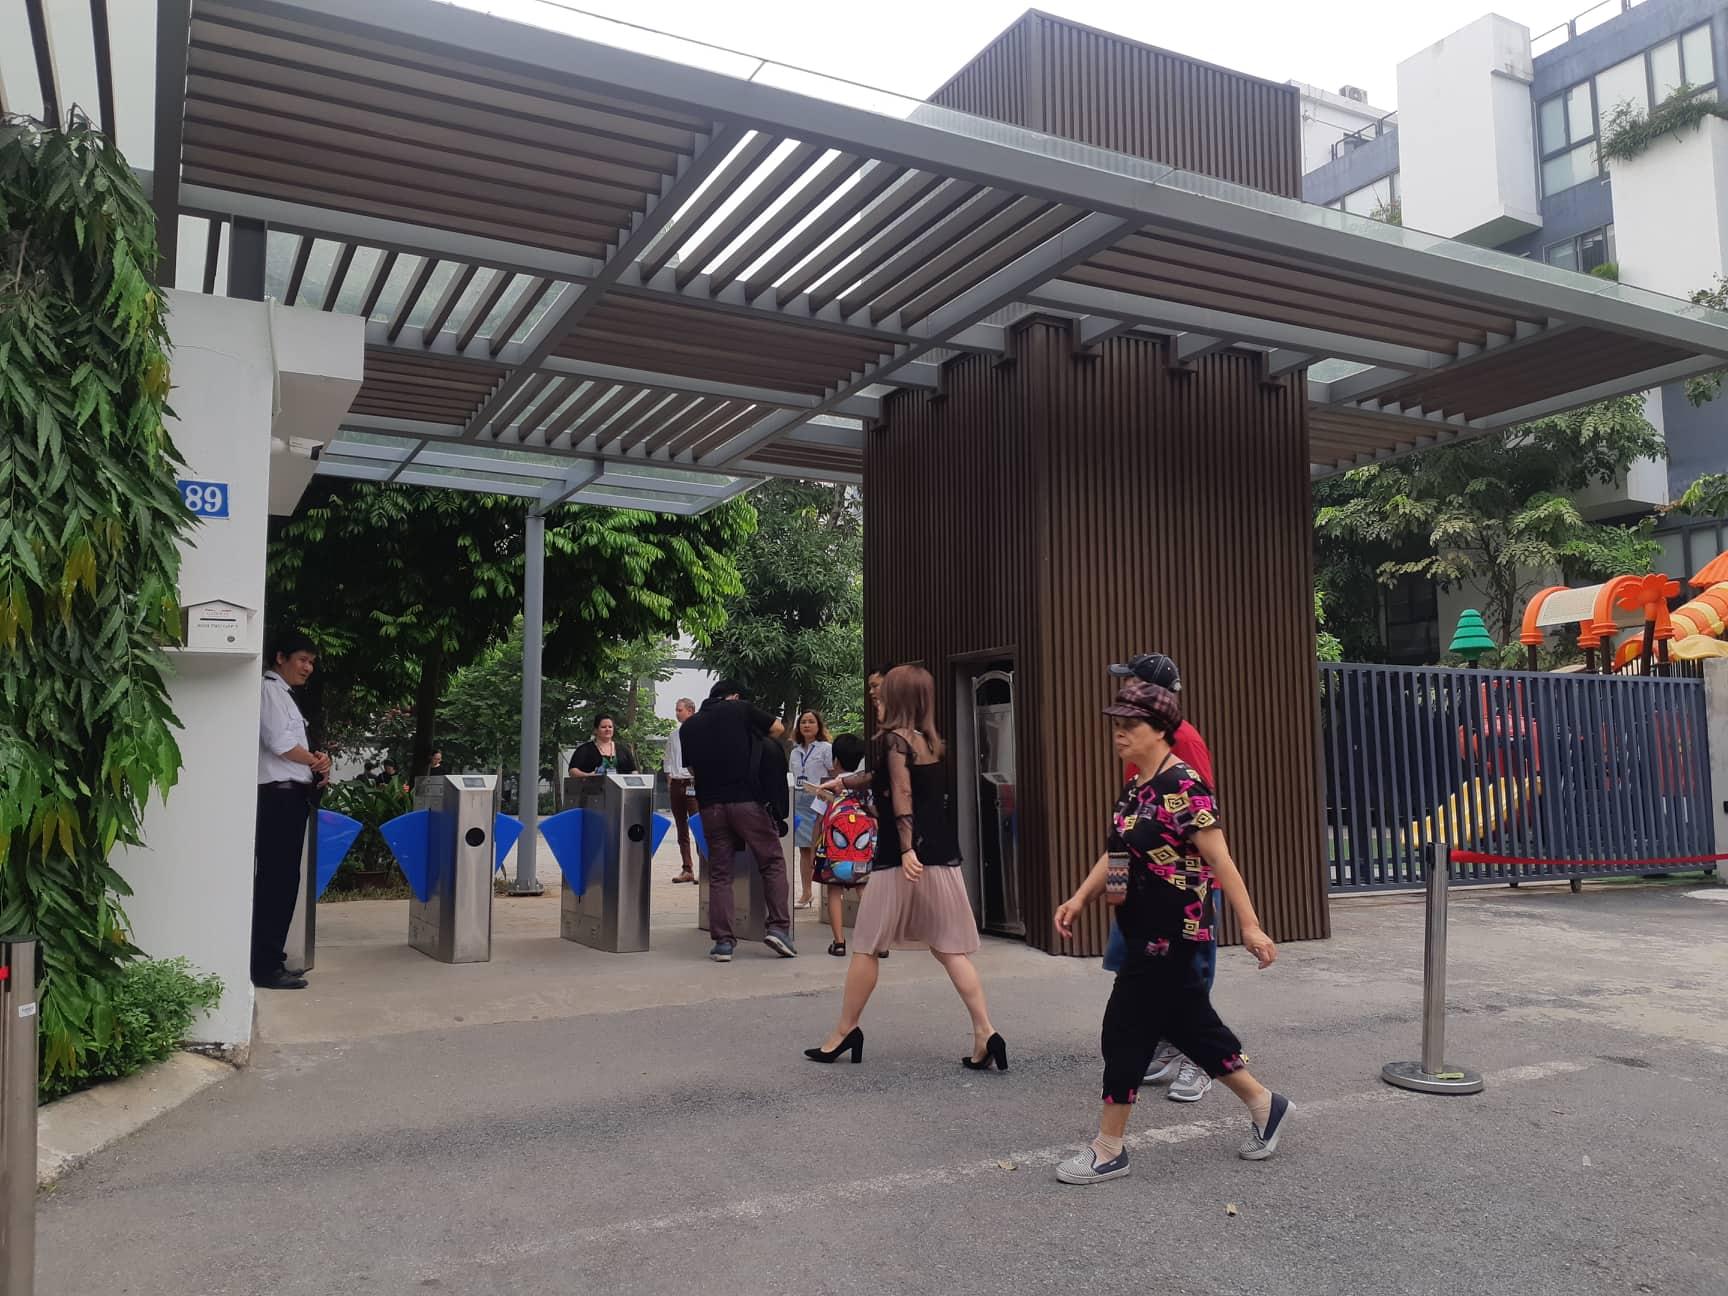 Bé trai 6 tuổi tử vong ở Hà Nội vì bỏ quên trên xe đưa đón học sinh